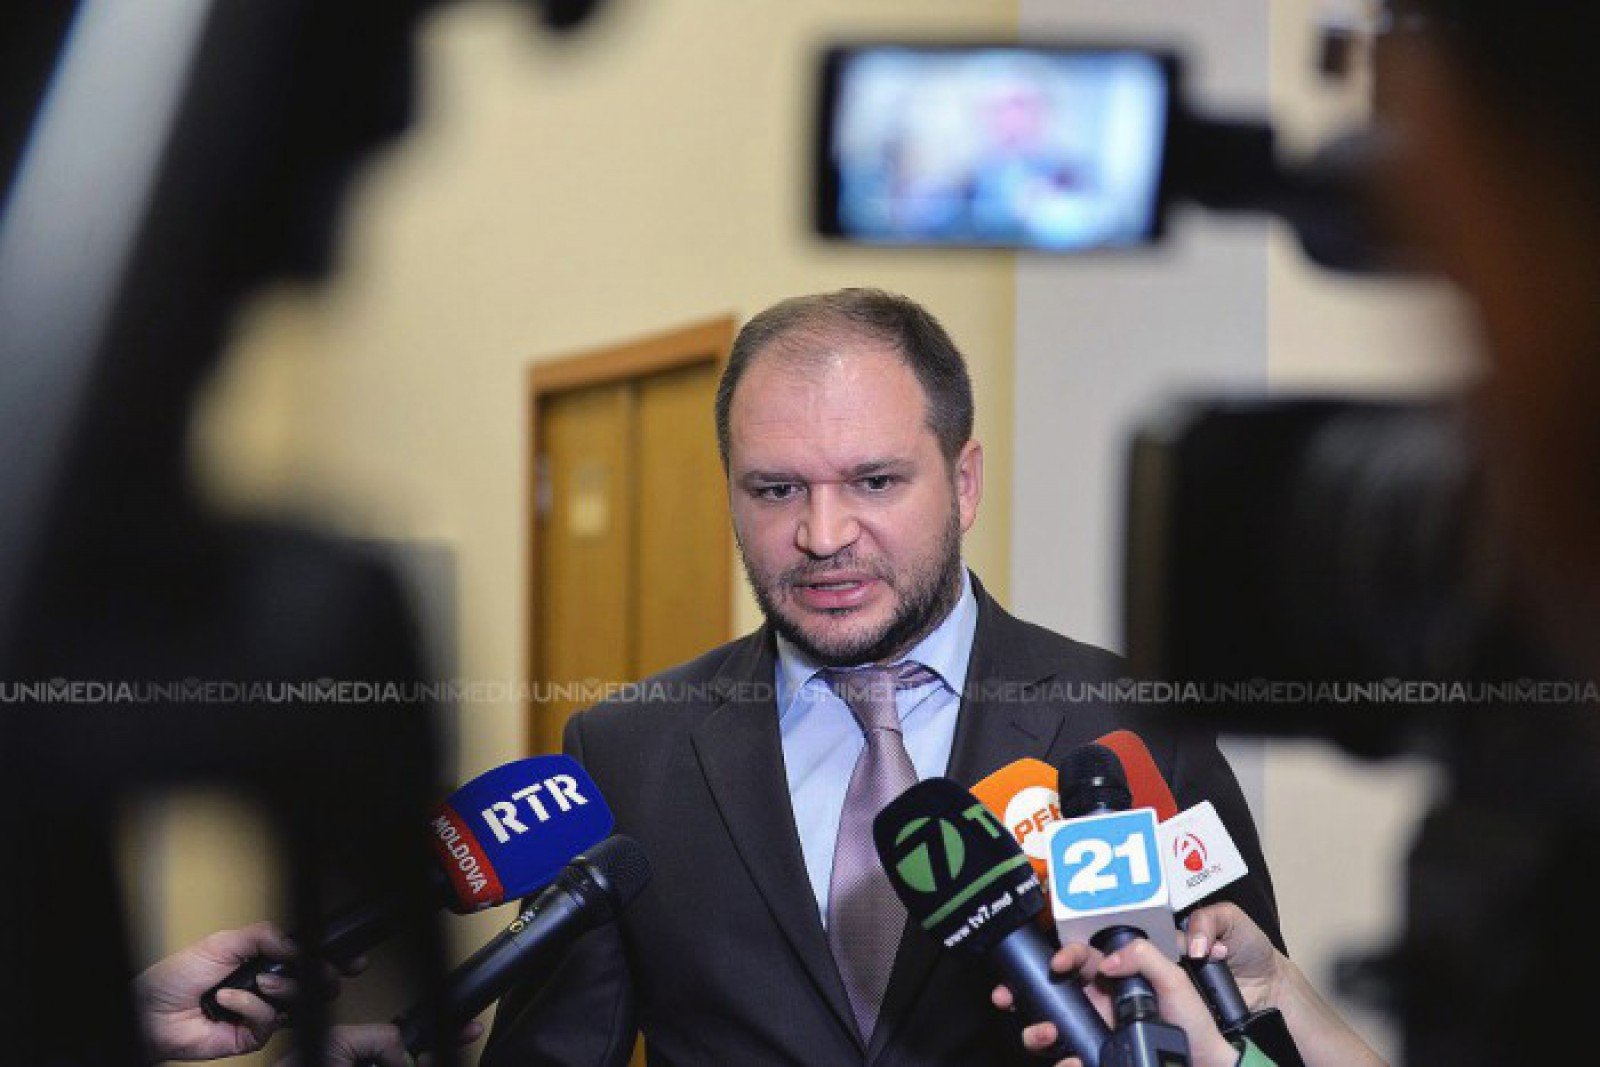 Candidatul PSRM: Haos, incompetență și abuzuri. Așa a fost condusă Primăria timp de zece ani